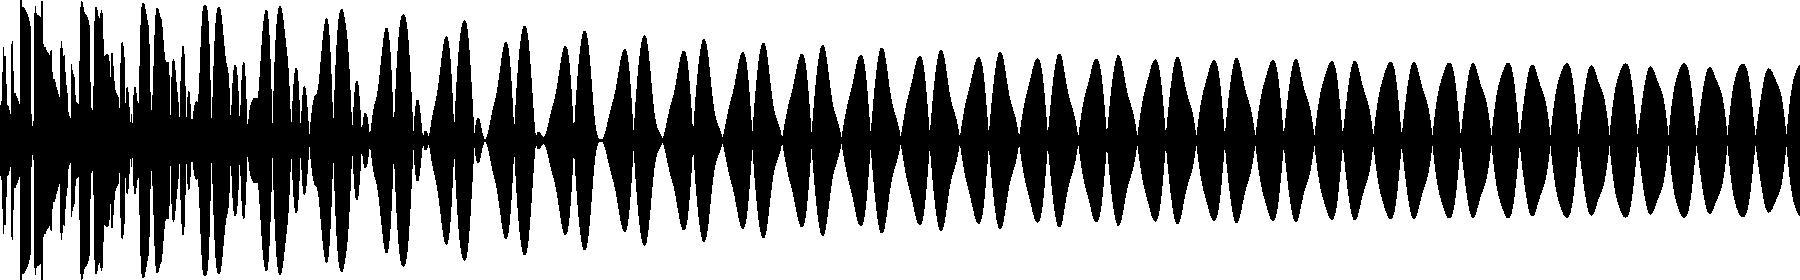 vedh bass cut 105 f